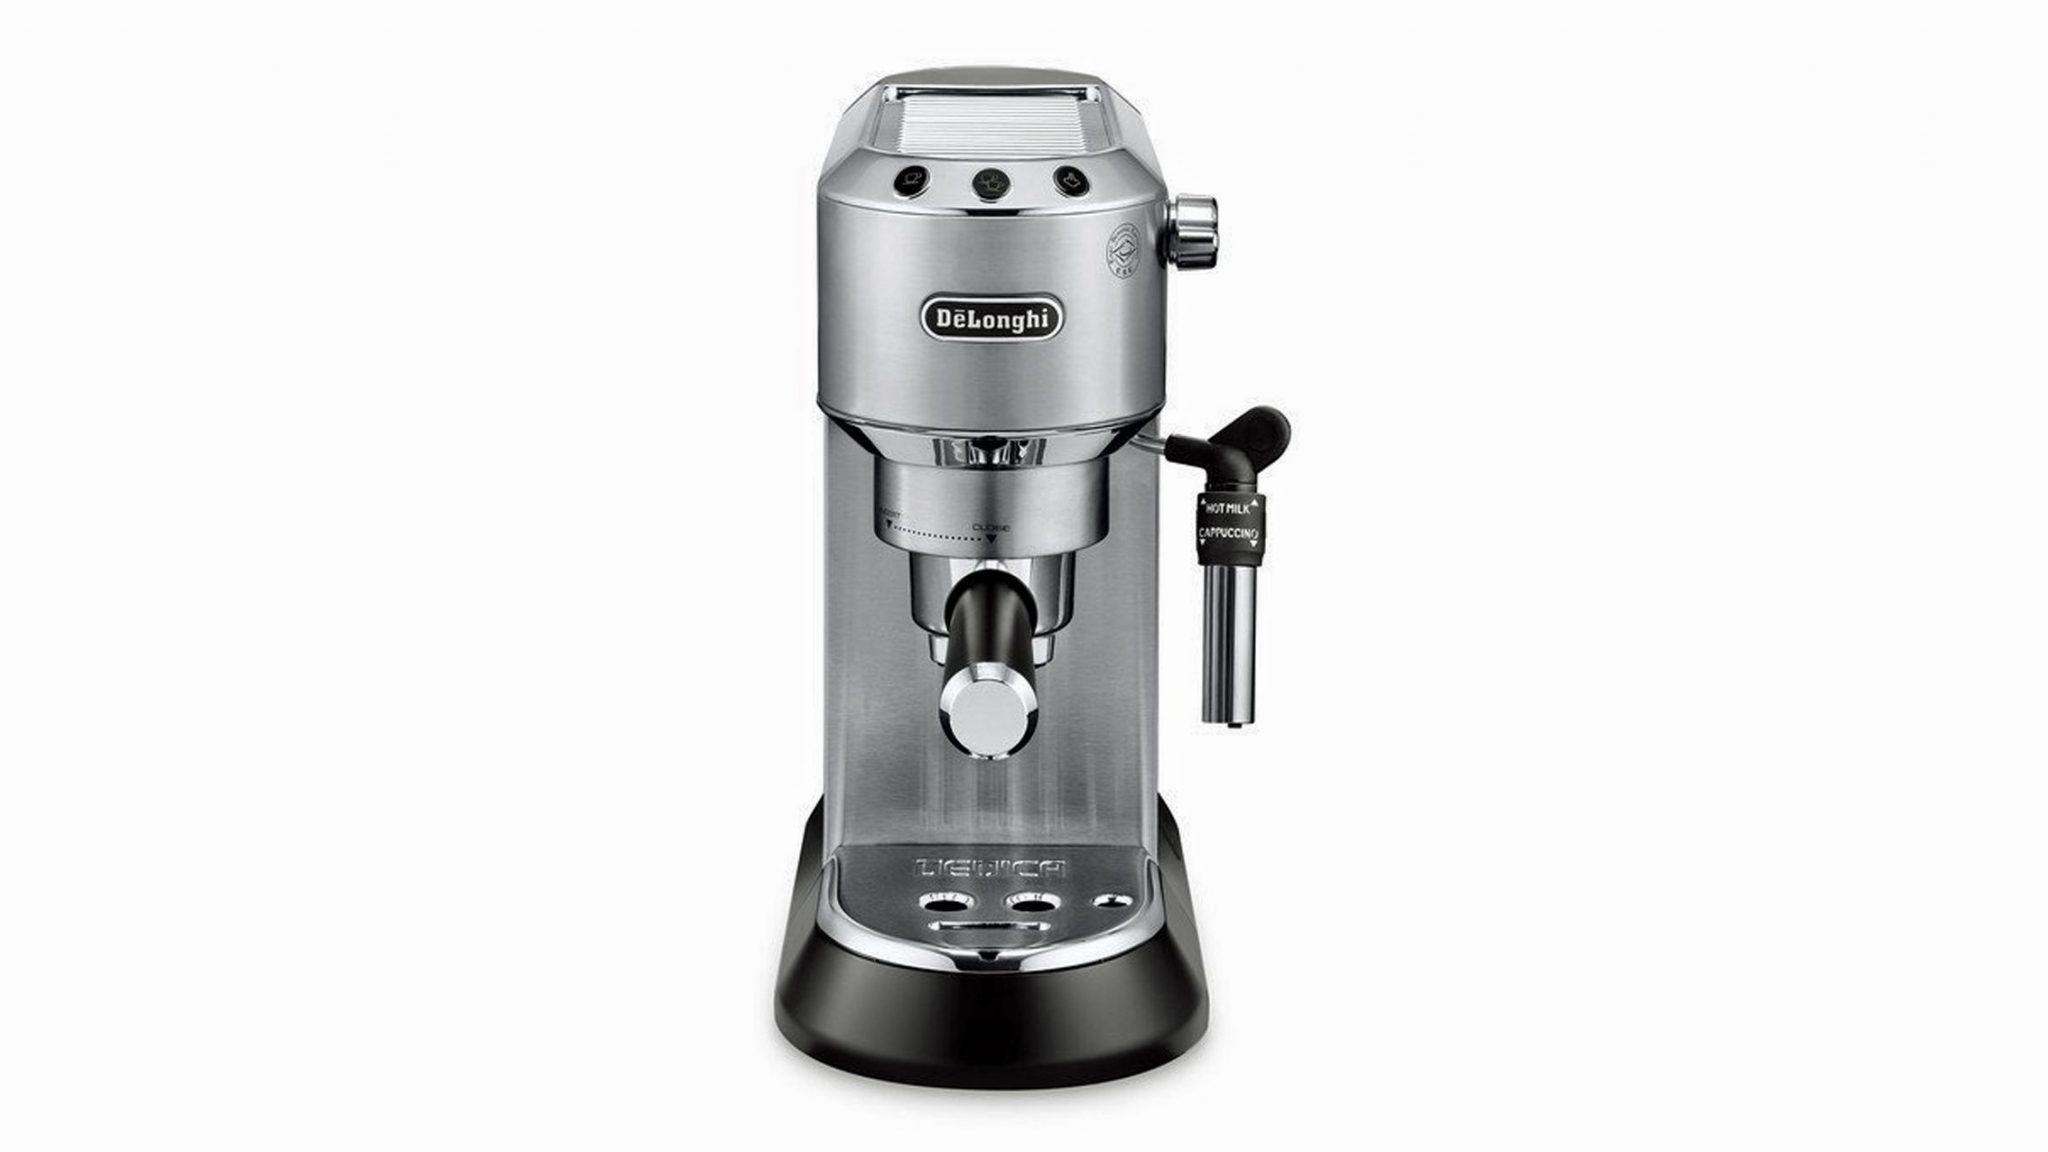 6 1 - بهترین دستگاه های اسپرسو ساز (قهوه ساز) برای خرید کدام اند؟